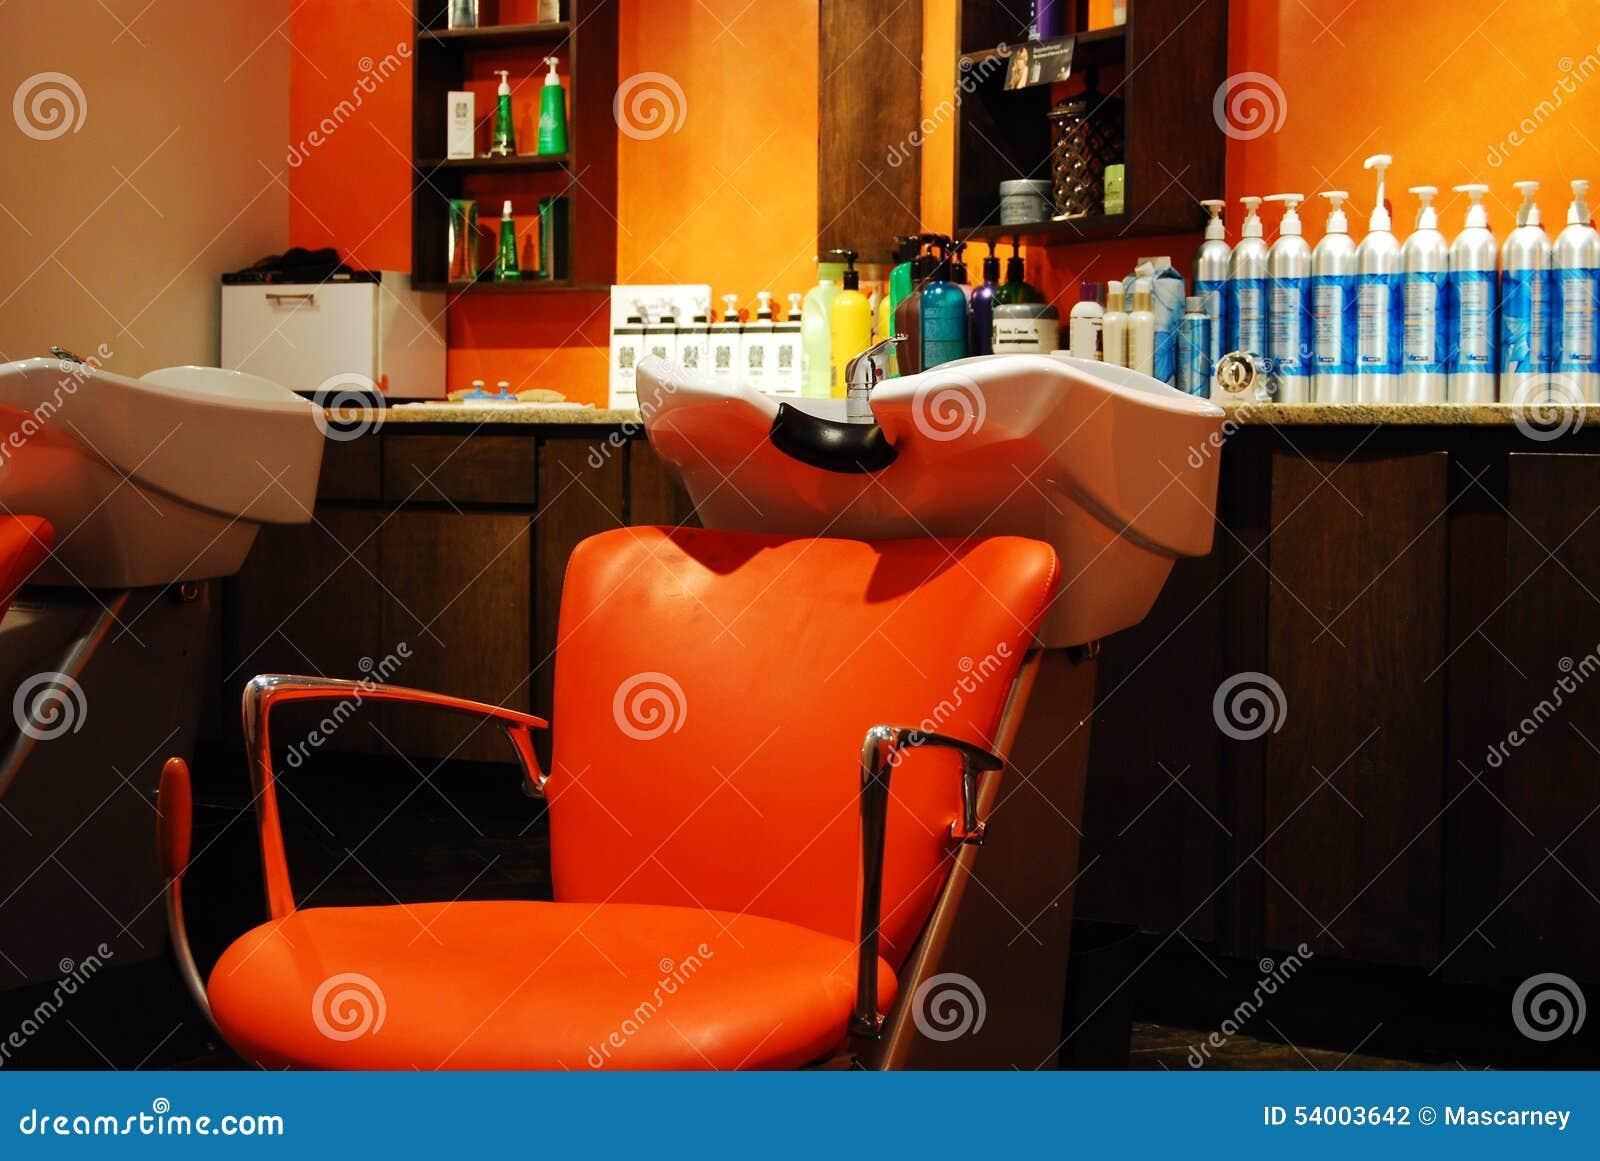 Orange salon wash station stock photo image of orange for Salon orange